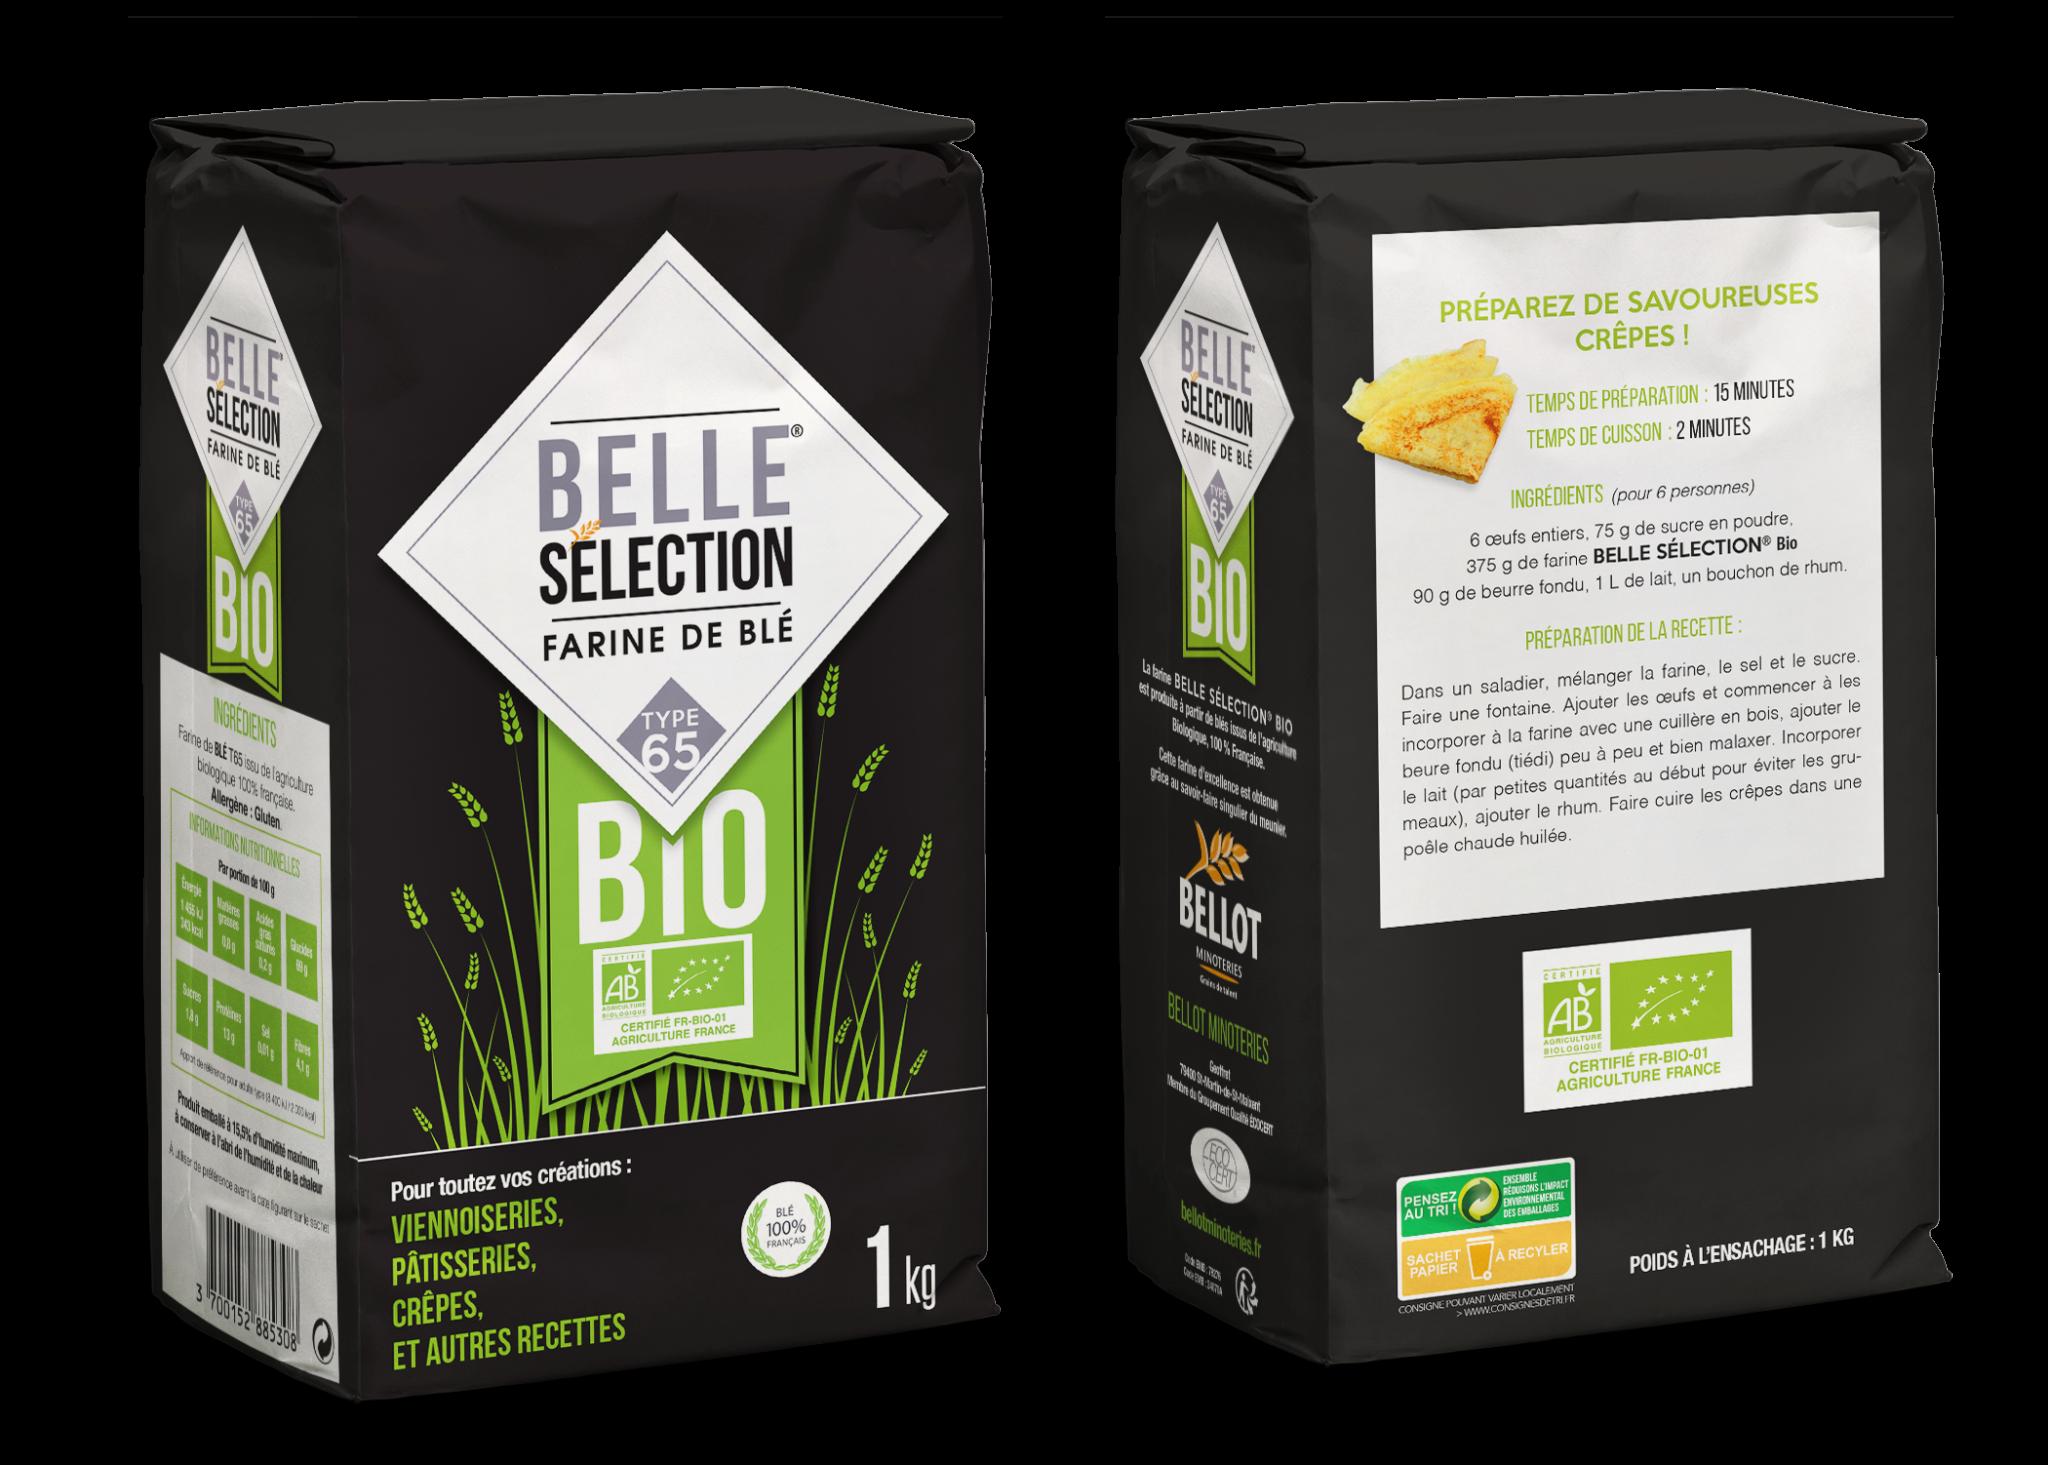 Belle Sélection - Farine Bio T65